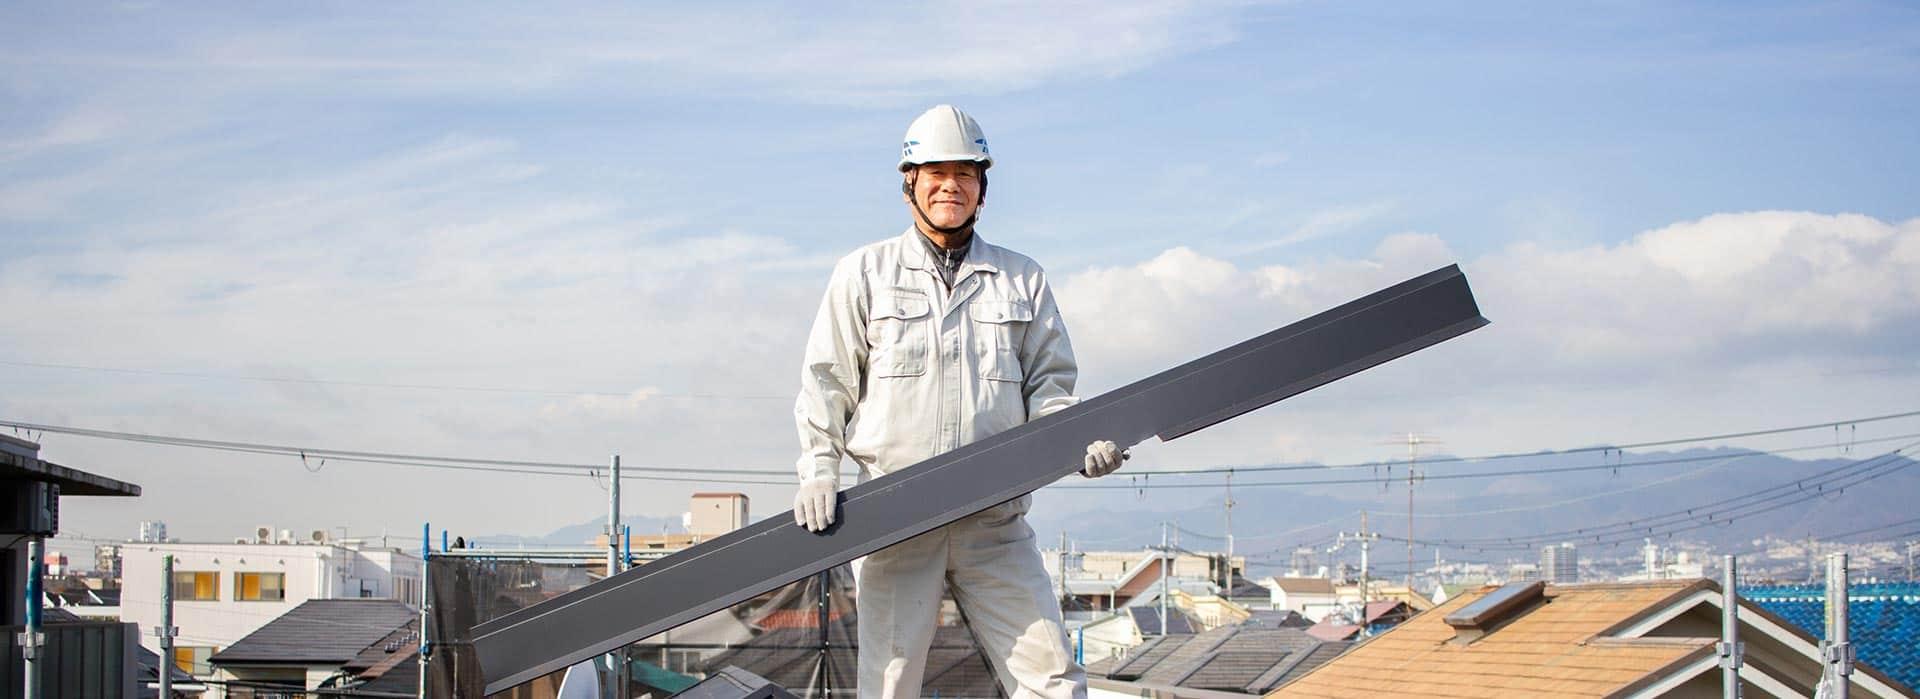 神戸の大工職人『ひのきや』へのリフォームに関するお問い合わせ・ご相談